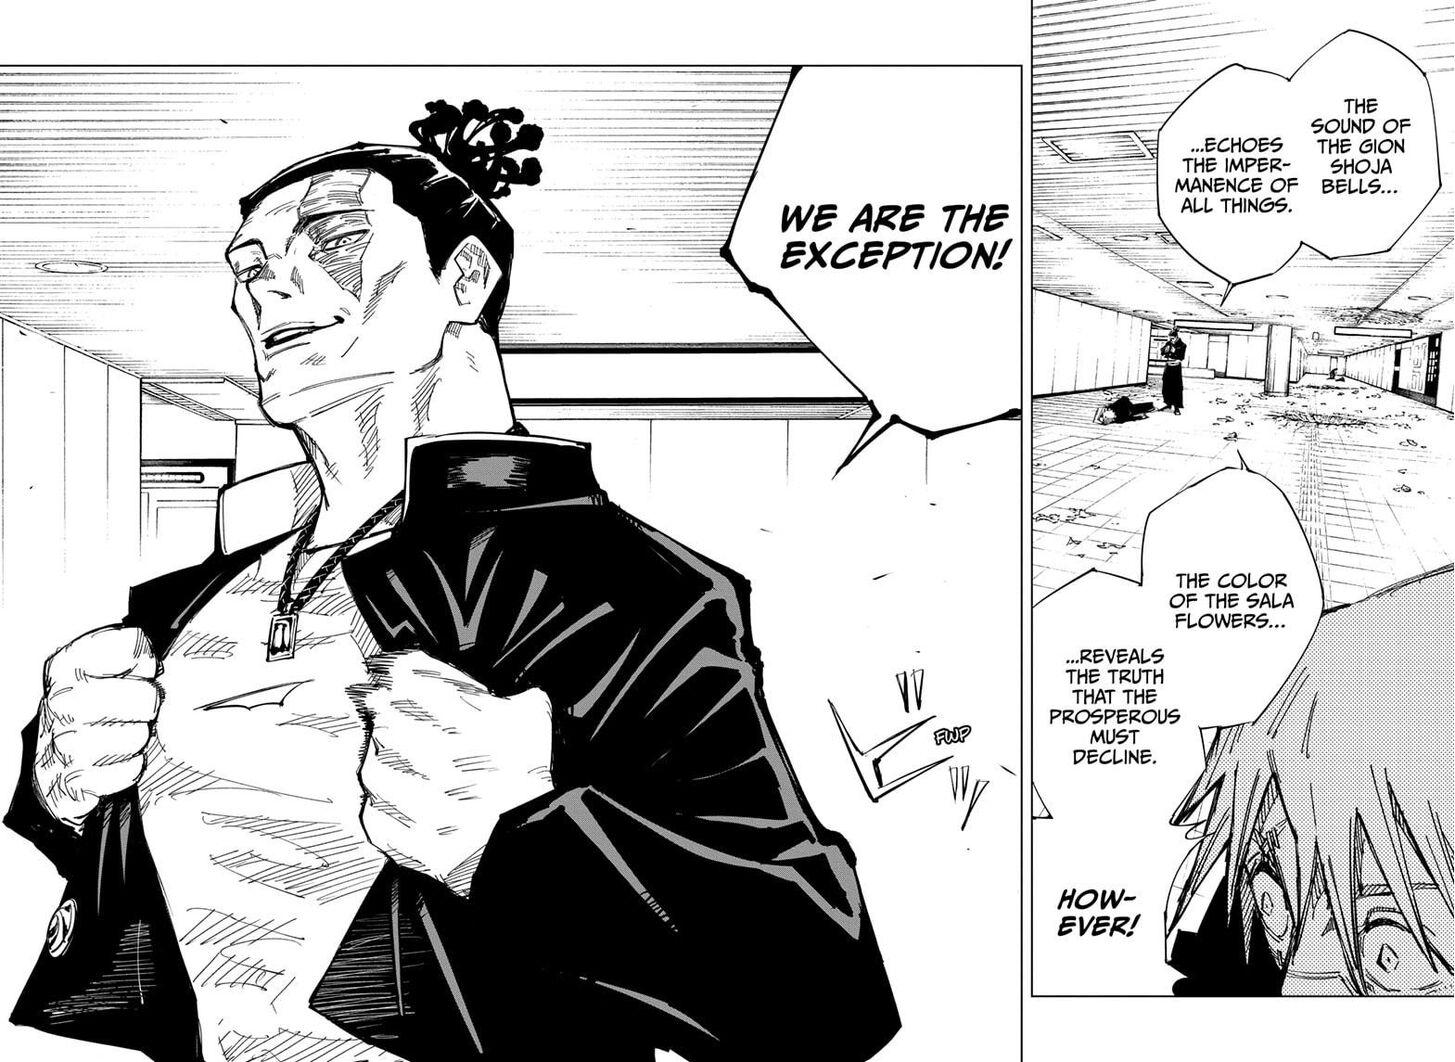 Jujutsu Kaisen, Chapter 126 015